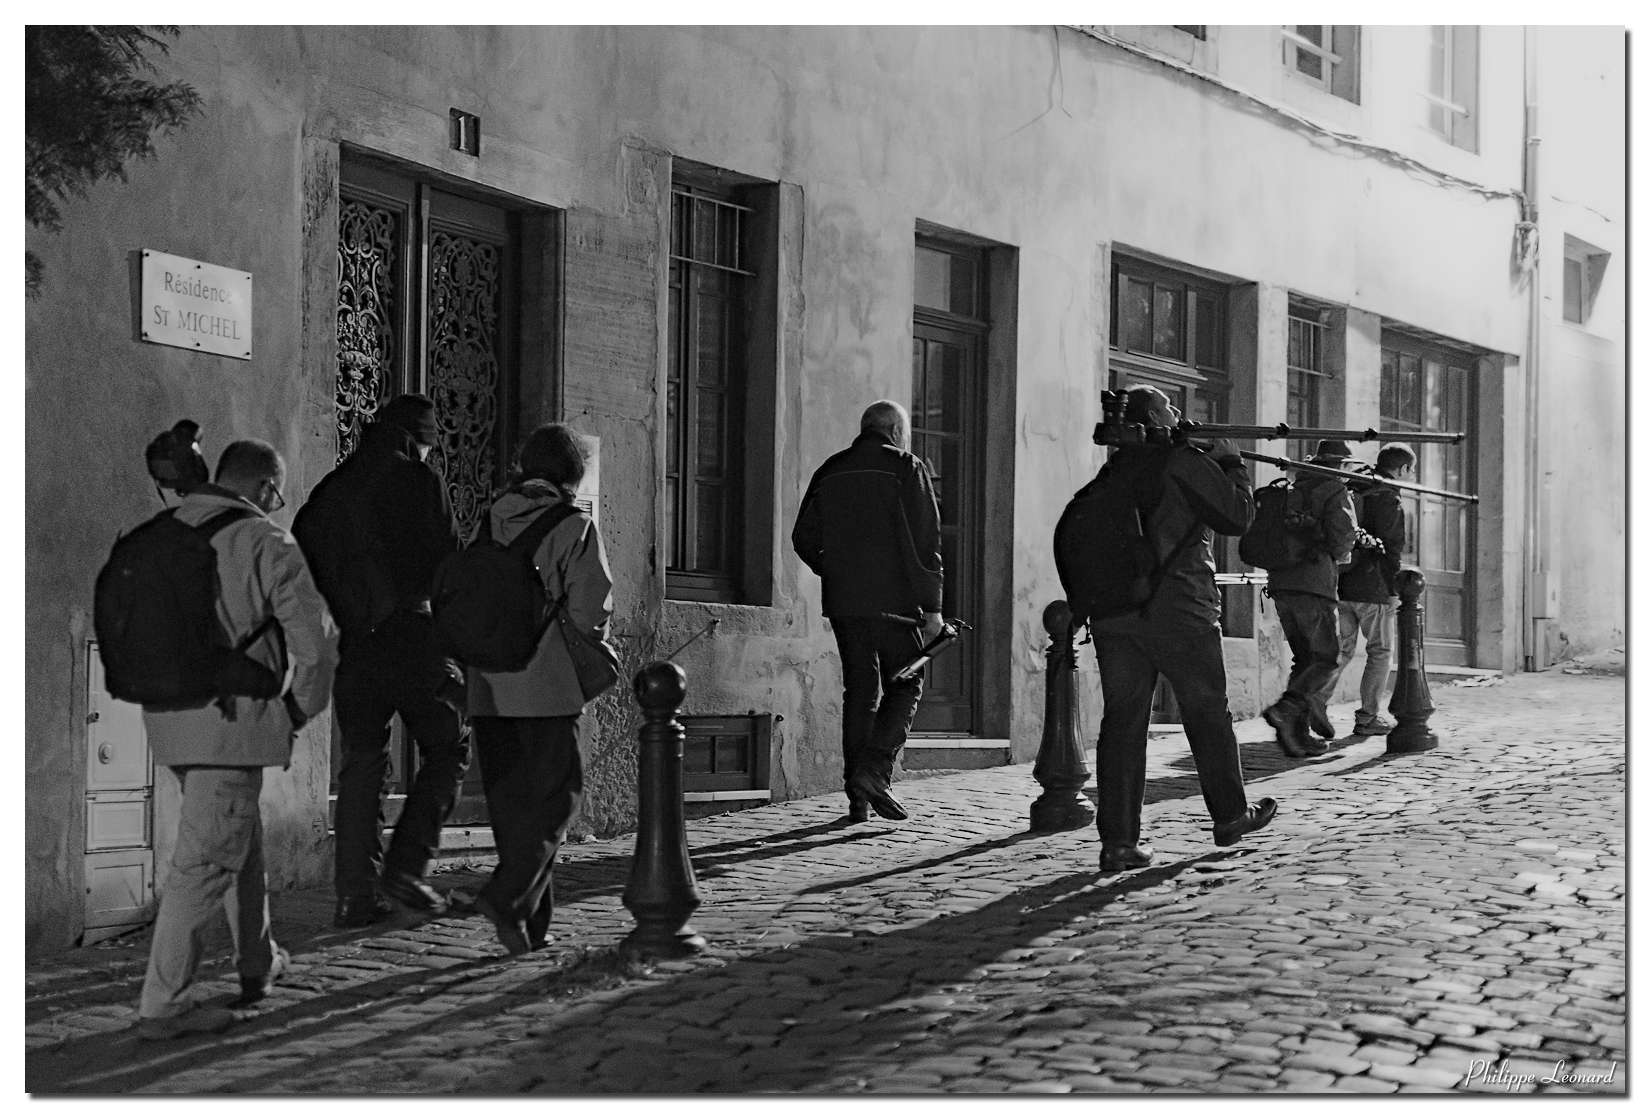 Sotie à Metz, de nuit - 14/11/15 - photos d'ambiance 14112010